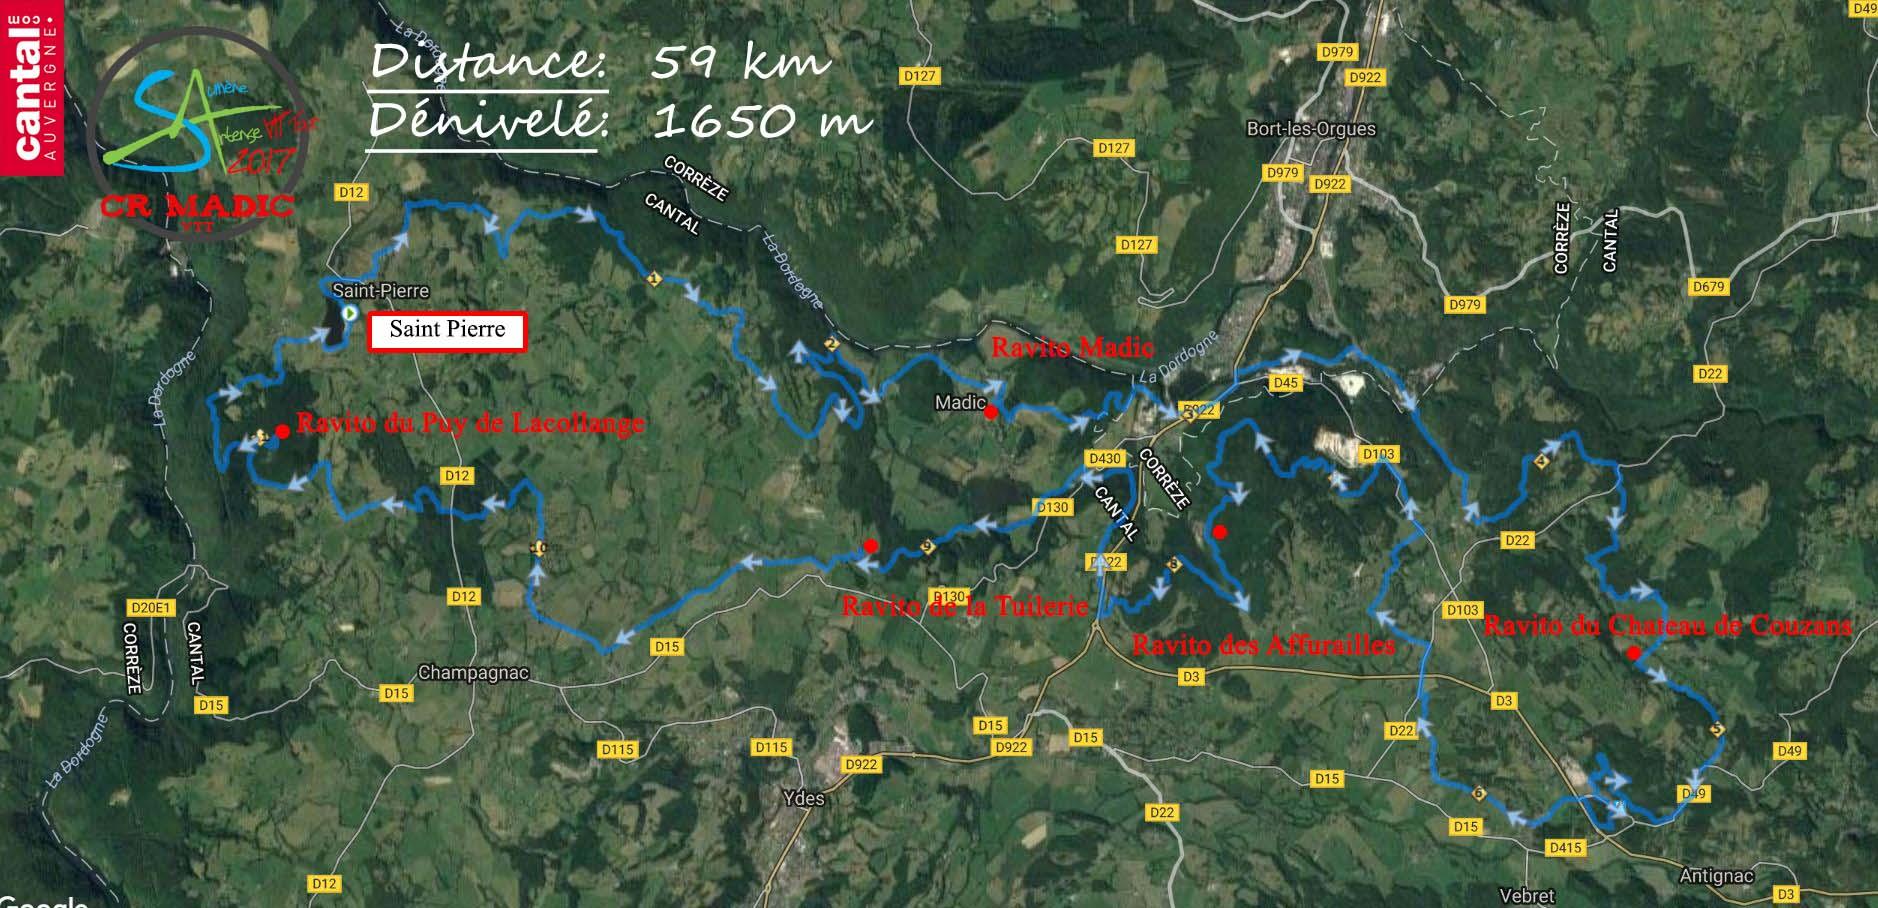 2017 savtt tour 60 km parcours